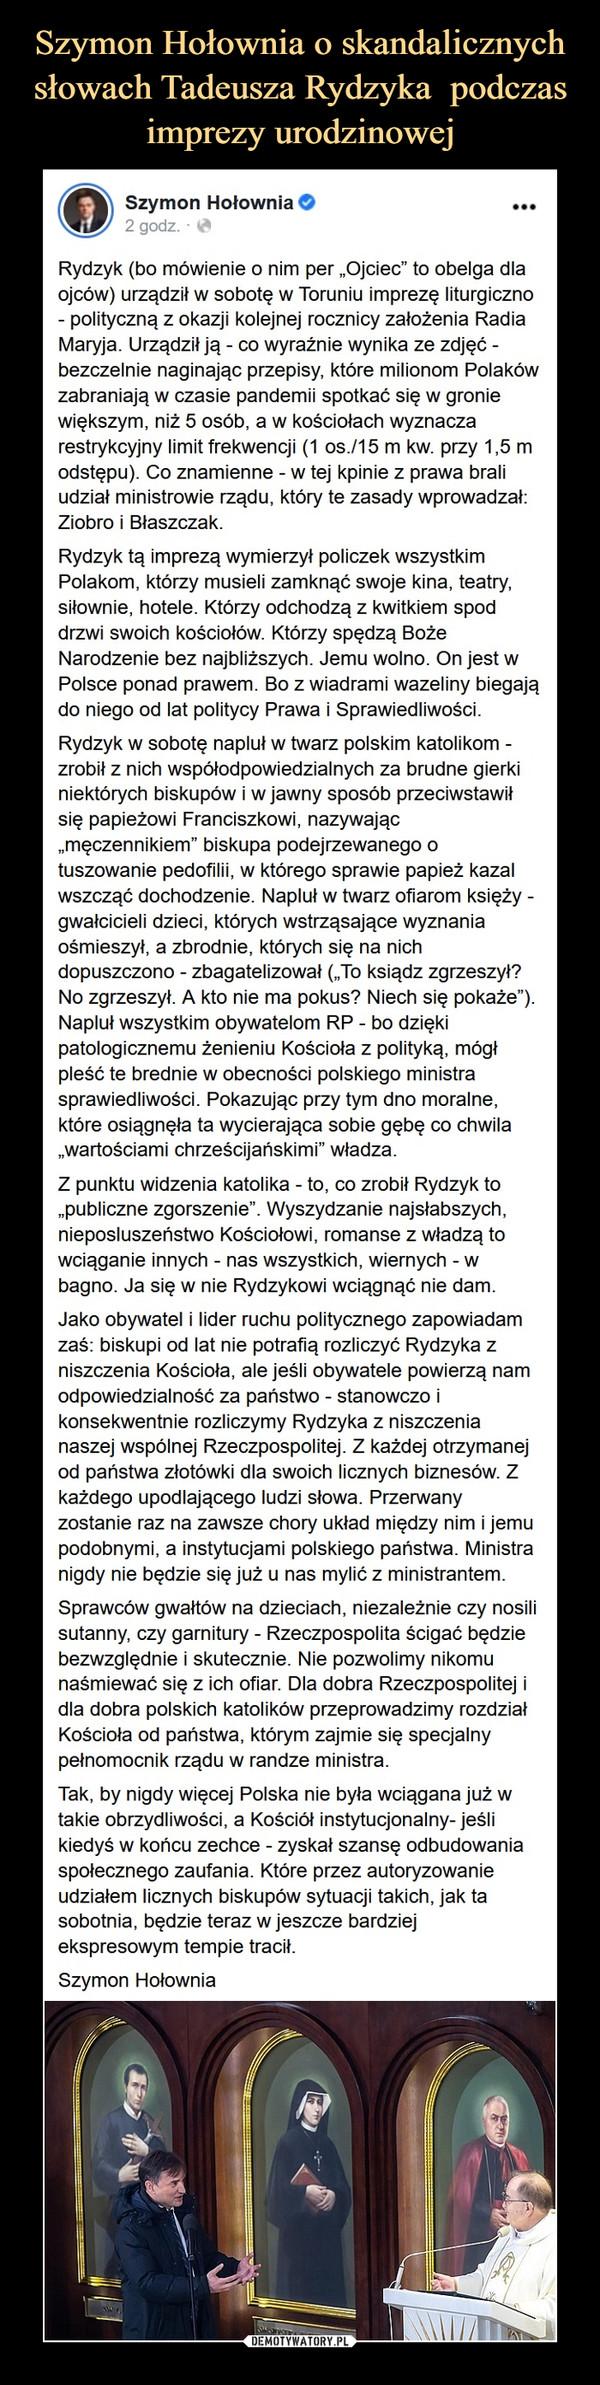 """–  Szymon Hołownia 2tlhoSponsorertd  ·Rydzyk (bo mówienie o nim per """"Ojciec"""" to obelga dla ojców) urządził w sobotę w Toruniu imprezę liturgiczno - polityczną z okazji kolejnej rocznicy założenia Radia Maryja. Urządził ją - co wyraźnie wynika ze zdjęć - bezczelnie naginając przepisy, które milionom Polaków zabraniają w czasie pandemii spotkać się w gronie większym, niż 5 osób, a w kościołach wyznacza restrykcyjny limit frekwencji (1 os./15 m kw. przy 1,5 m odstępu). Co znamienne - w tej kpinie z prawa brali udział ministrowie rządu, który te zasady wprowadzał: Ziobro i Błaszczak. Rydzyk tą imprezą wymierzył policzek wszystkim Polakom, którzy musieli zamknąć swoje kina, teatry, siłownie, hotele. Którzy odchodzą z kwitkiem spod drzwi swoich kościołów. Którzy spędzą Boże Narodzenie bez najbliższych. Jemu wolno. On jest w Polsce ponad prawem. Bo z wiadrami wazeliny biegają do niego od lat politycy Prawa i Sprawiedliwości. Rydzyk w sobotę napluł w twarz polskim katolikom - zrobił z nich współodpowiedzialnych za brudne gierki niektórych biskupów i w jawny sposób przeciwstawił się papieżowi Franciszkowi, nazywając """"męczennikiem"""" biskupa podejrzewanego o tuszowanie pedofilii, w którego sprawie papież kazal wszcząć dochodzenie. Napluł w twarz ofiarom księży - gwałcicieli dzieci, których wstrząsające wyznania ośmieszył, a zbrodnie, których się na nich dopuszczono - zbagatelizował (""""To ksiądz zgrzeszył? No zgrzeszył. A kto nie ma pokus? Niech się pokaże""""). Napluł wszystkim obywatelom RP - bo dzięki patologicznemu żenieniu Kościoła z polityką, mógł pleść te brednie w obecności polskiego ministra sprawiedliwości. Pokazując przy tym dno moralne, które osiągnęła ta wycierająca sobie gębę co chwila """"wartościami chrześcijańskimi"""" władza. Z punktu widzenia katolika - to, co zrobił Rydzyk to """"publiczne zgorszenie"""". Wyszydzanie najsłabszych, nieposluszeństwo Kościołowi, romanse z władzą to wciąganie innych - nas wszystkich, wiernych - w bagno. Ja się w nie Rydzykowi wciągnąć nie dam. J"""